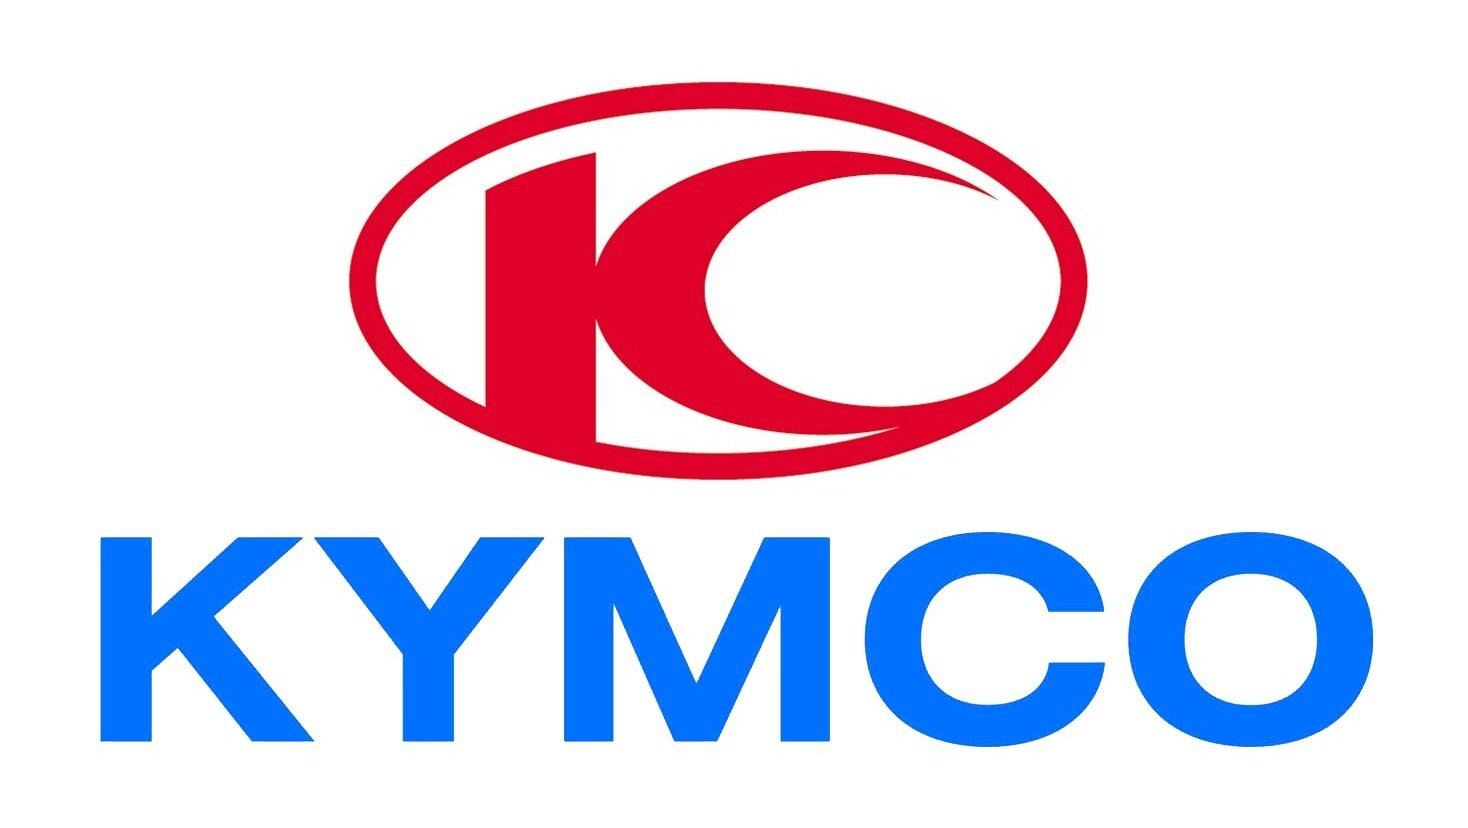 Bảng giá xe máy Kymco chính hãng rẻ nhất tháng 8/2017